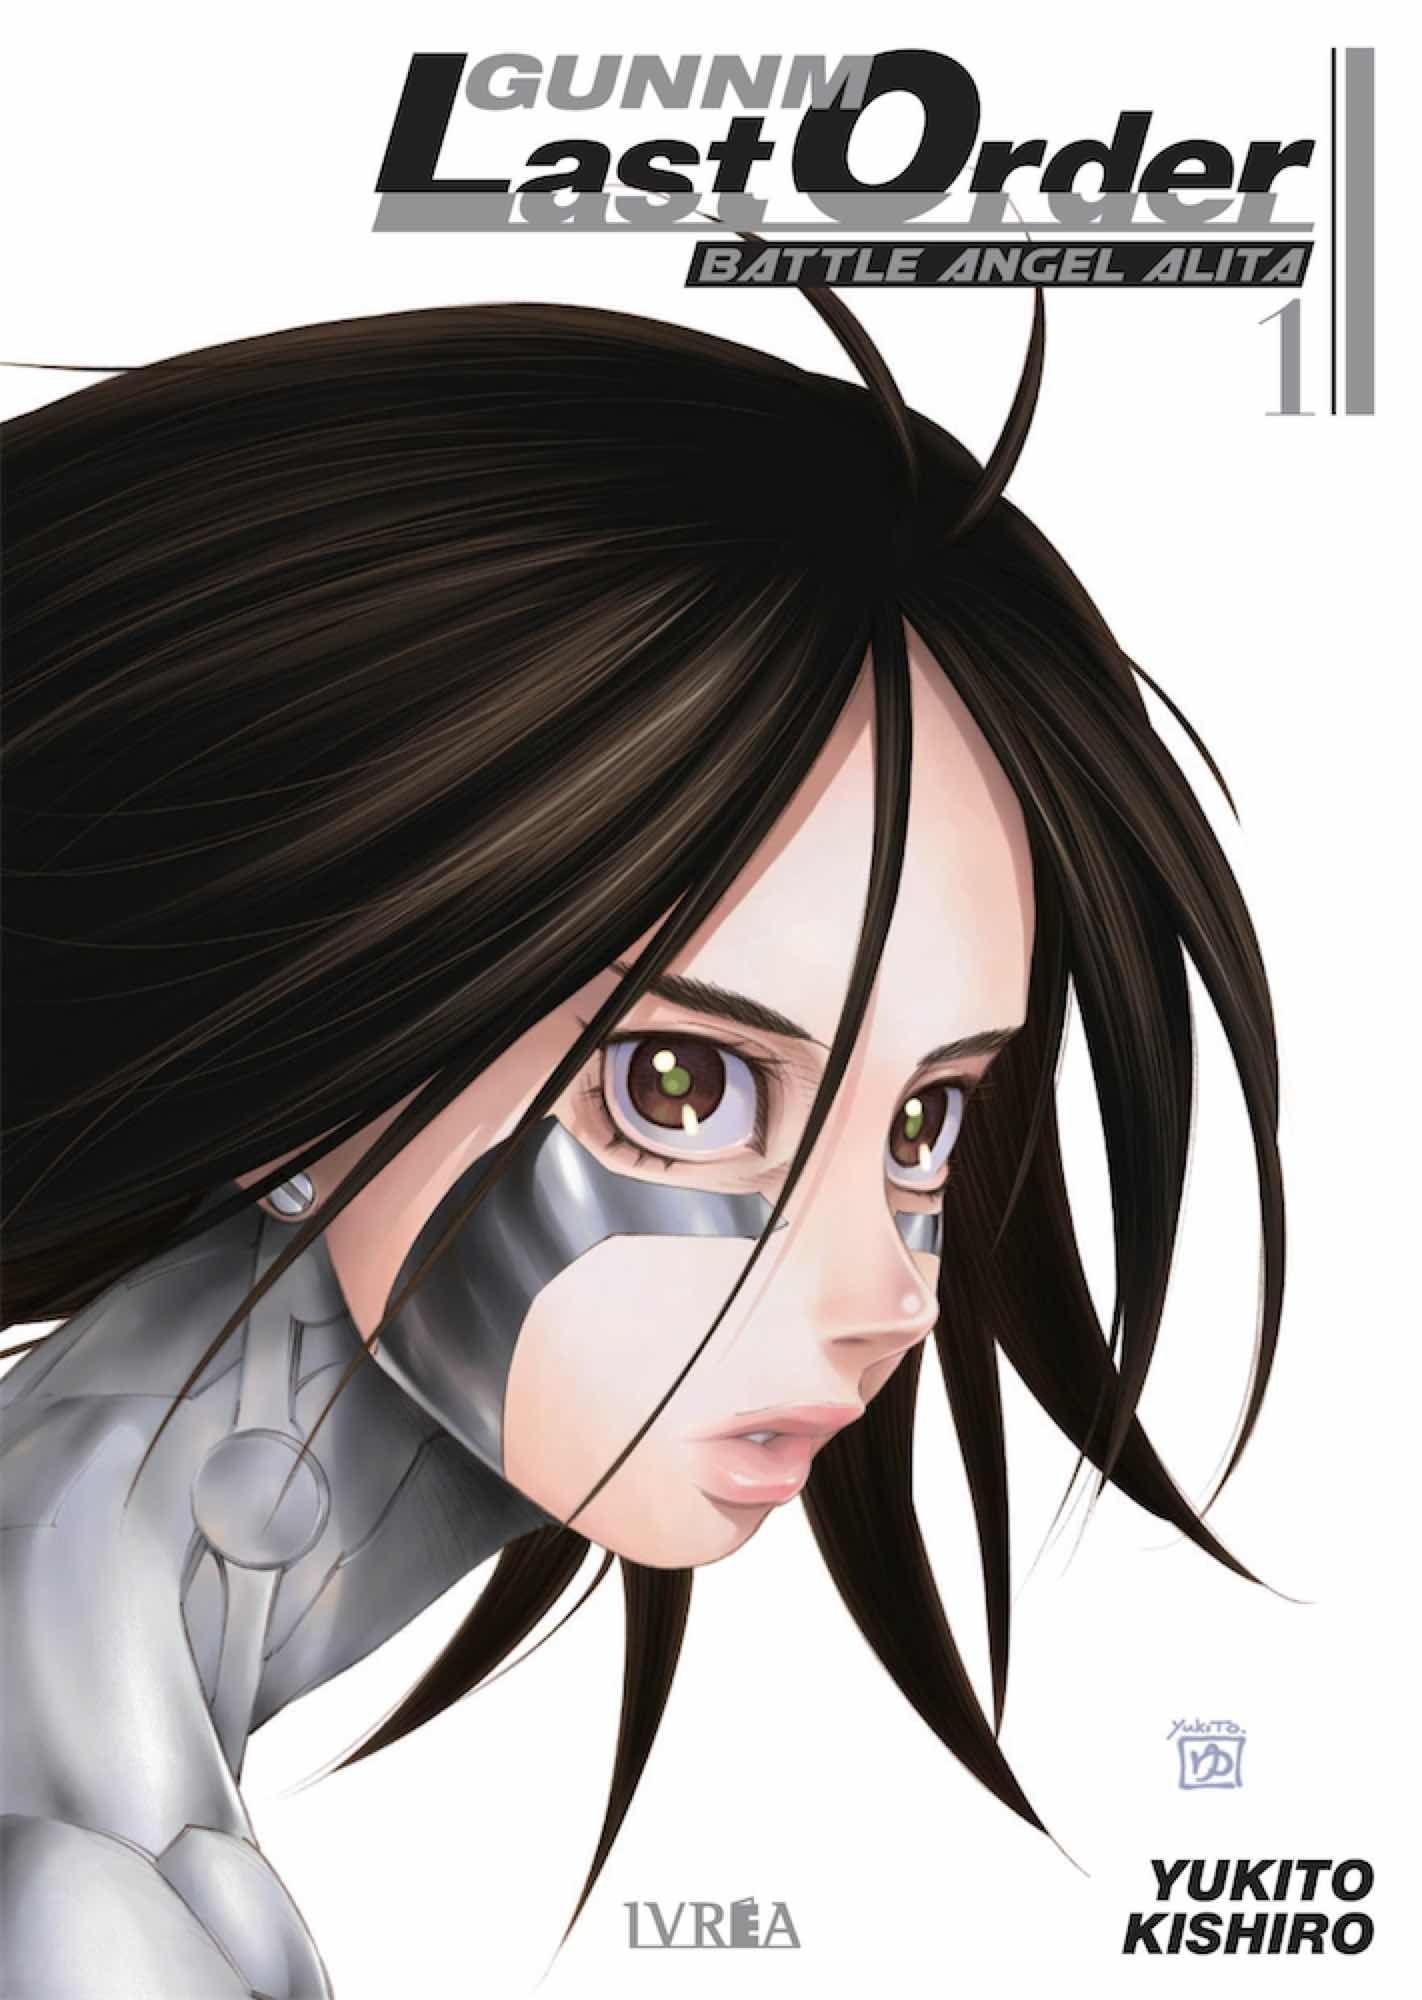 Gunnm Last Order 01 Autor Es Yukito Kishiro Editorial Ivrea Isbn 9788417699727 Fecha De Salida 17 01 2019 Encuader Yukito Artistas Arte Fantastico